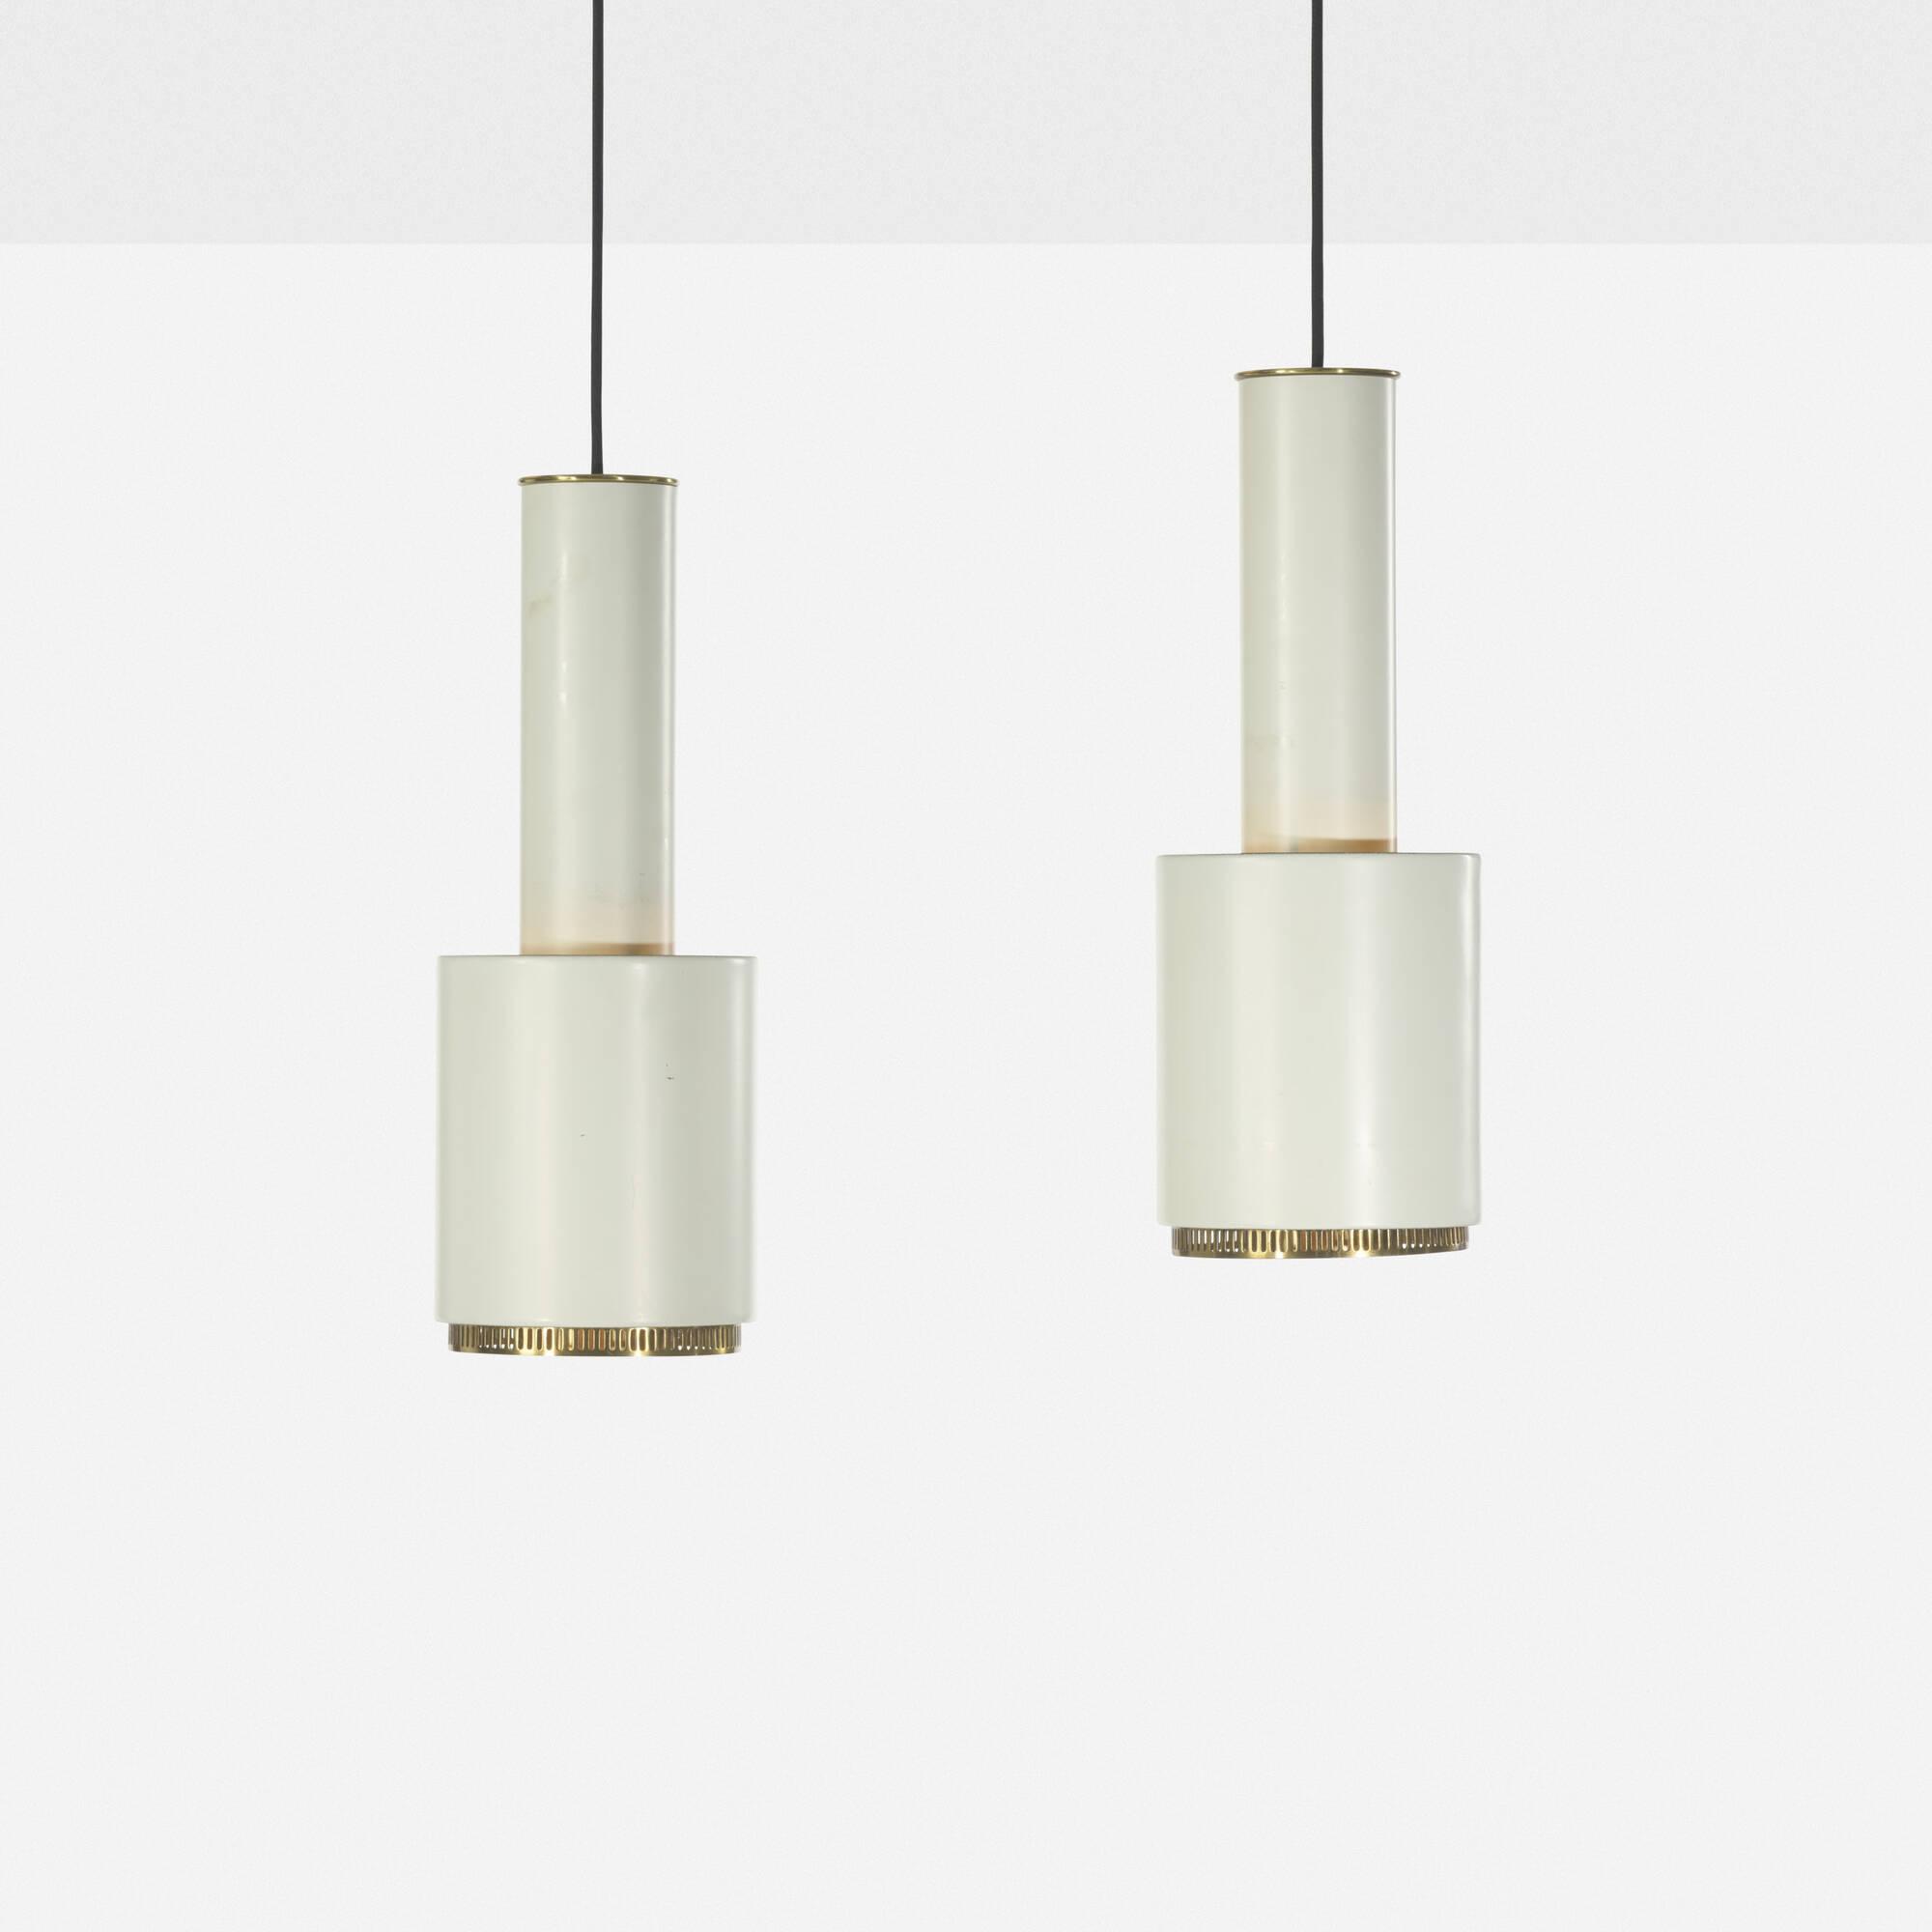 150: Alvar Aalto / pendant lamps, pair (1 of 2)